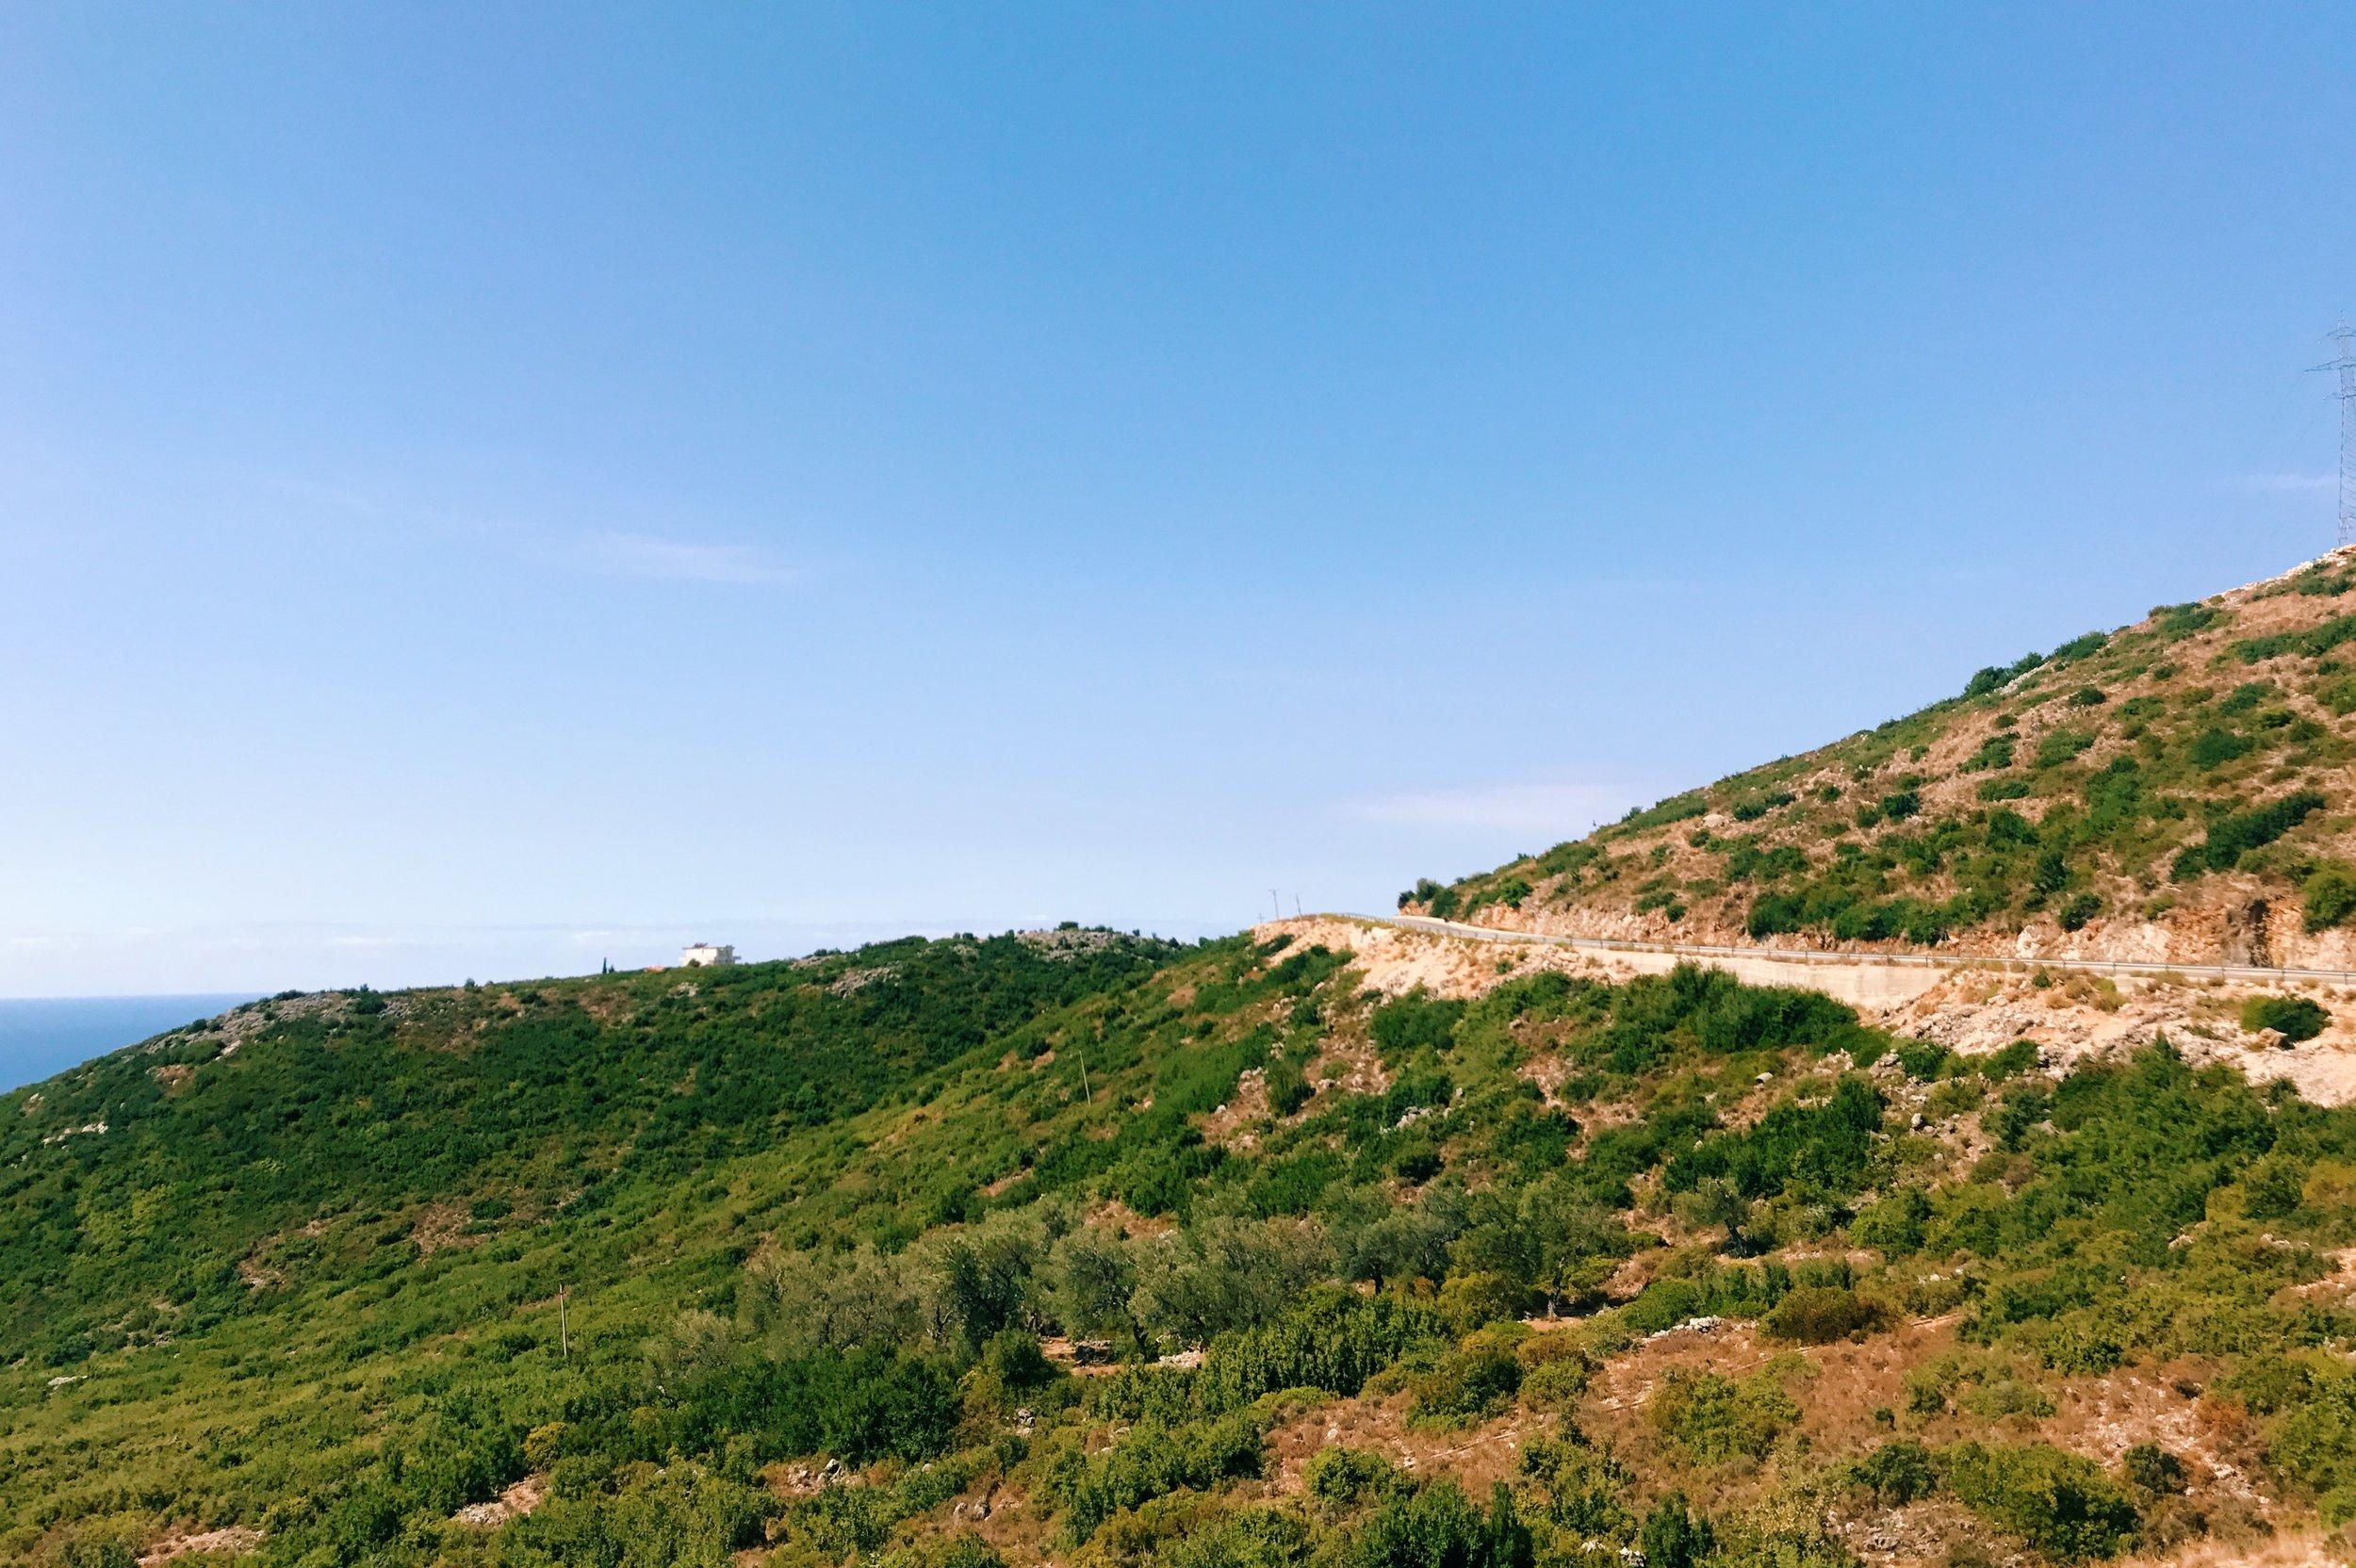 The road to Gjipe beach, Albania